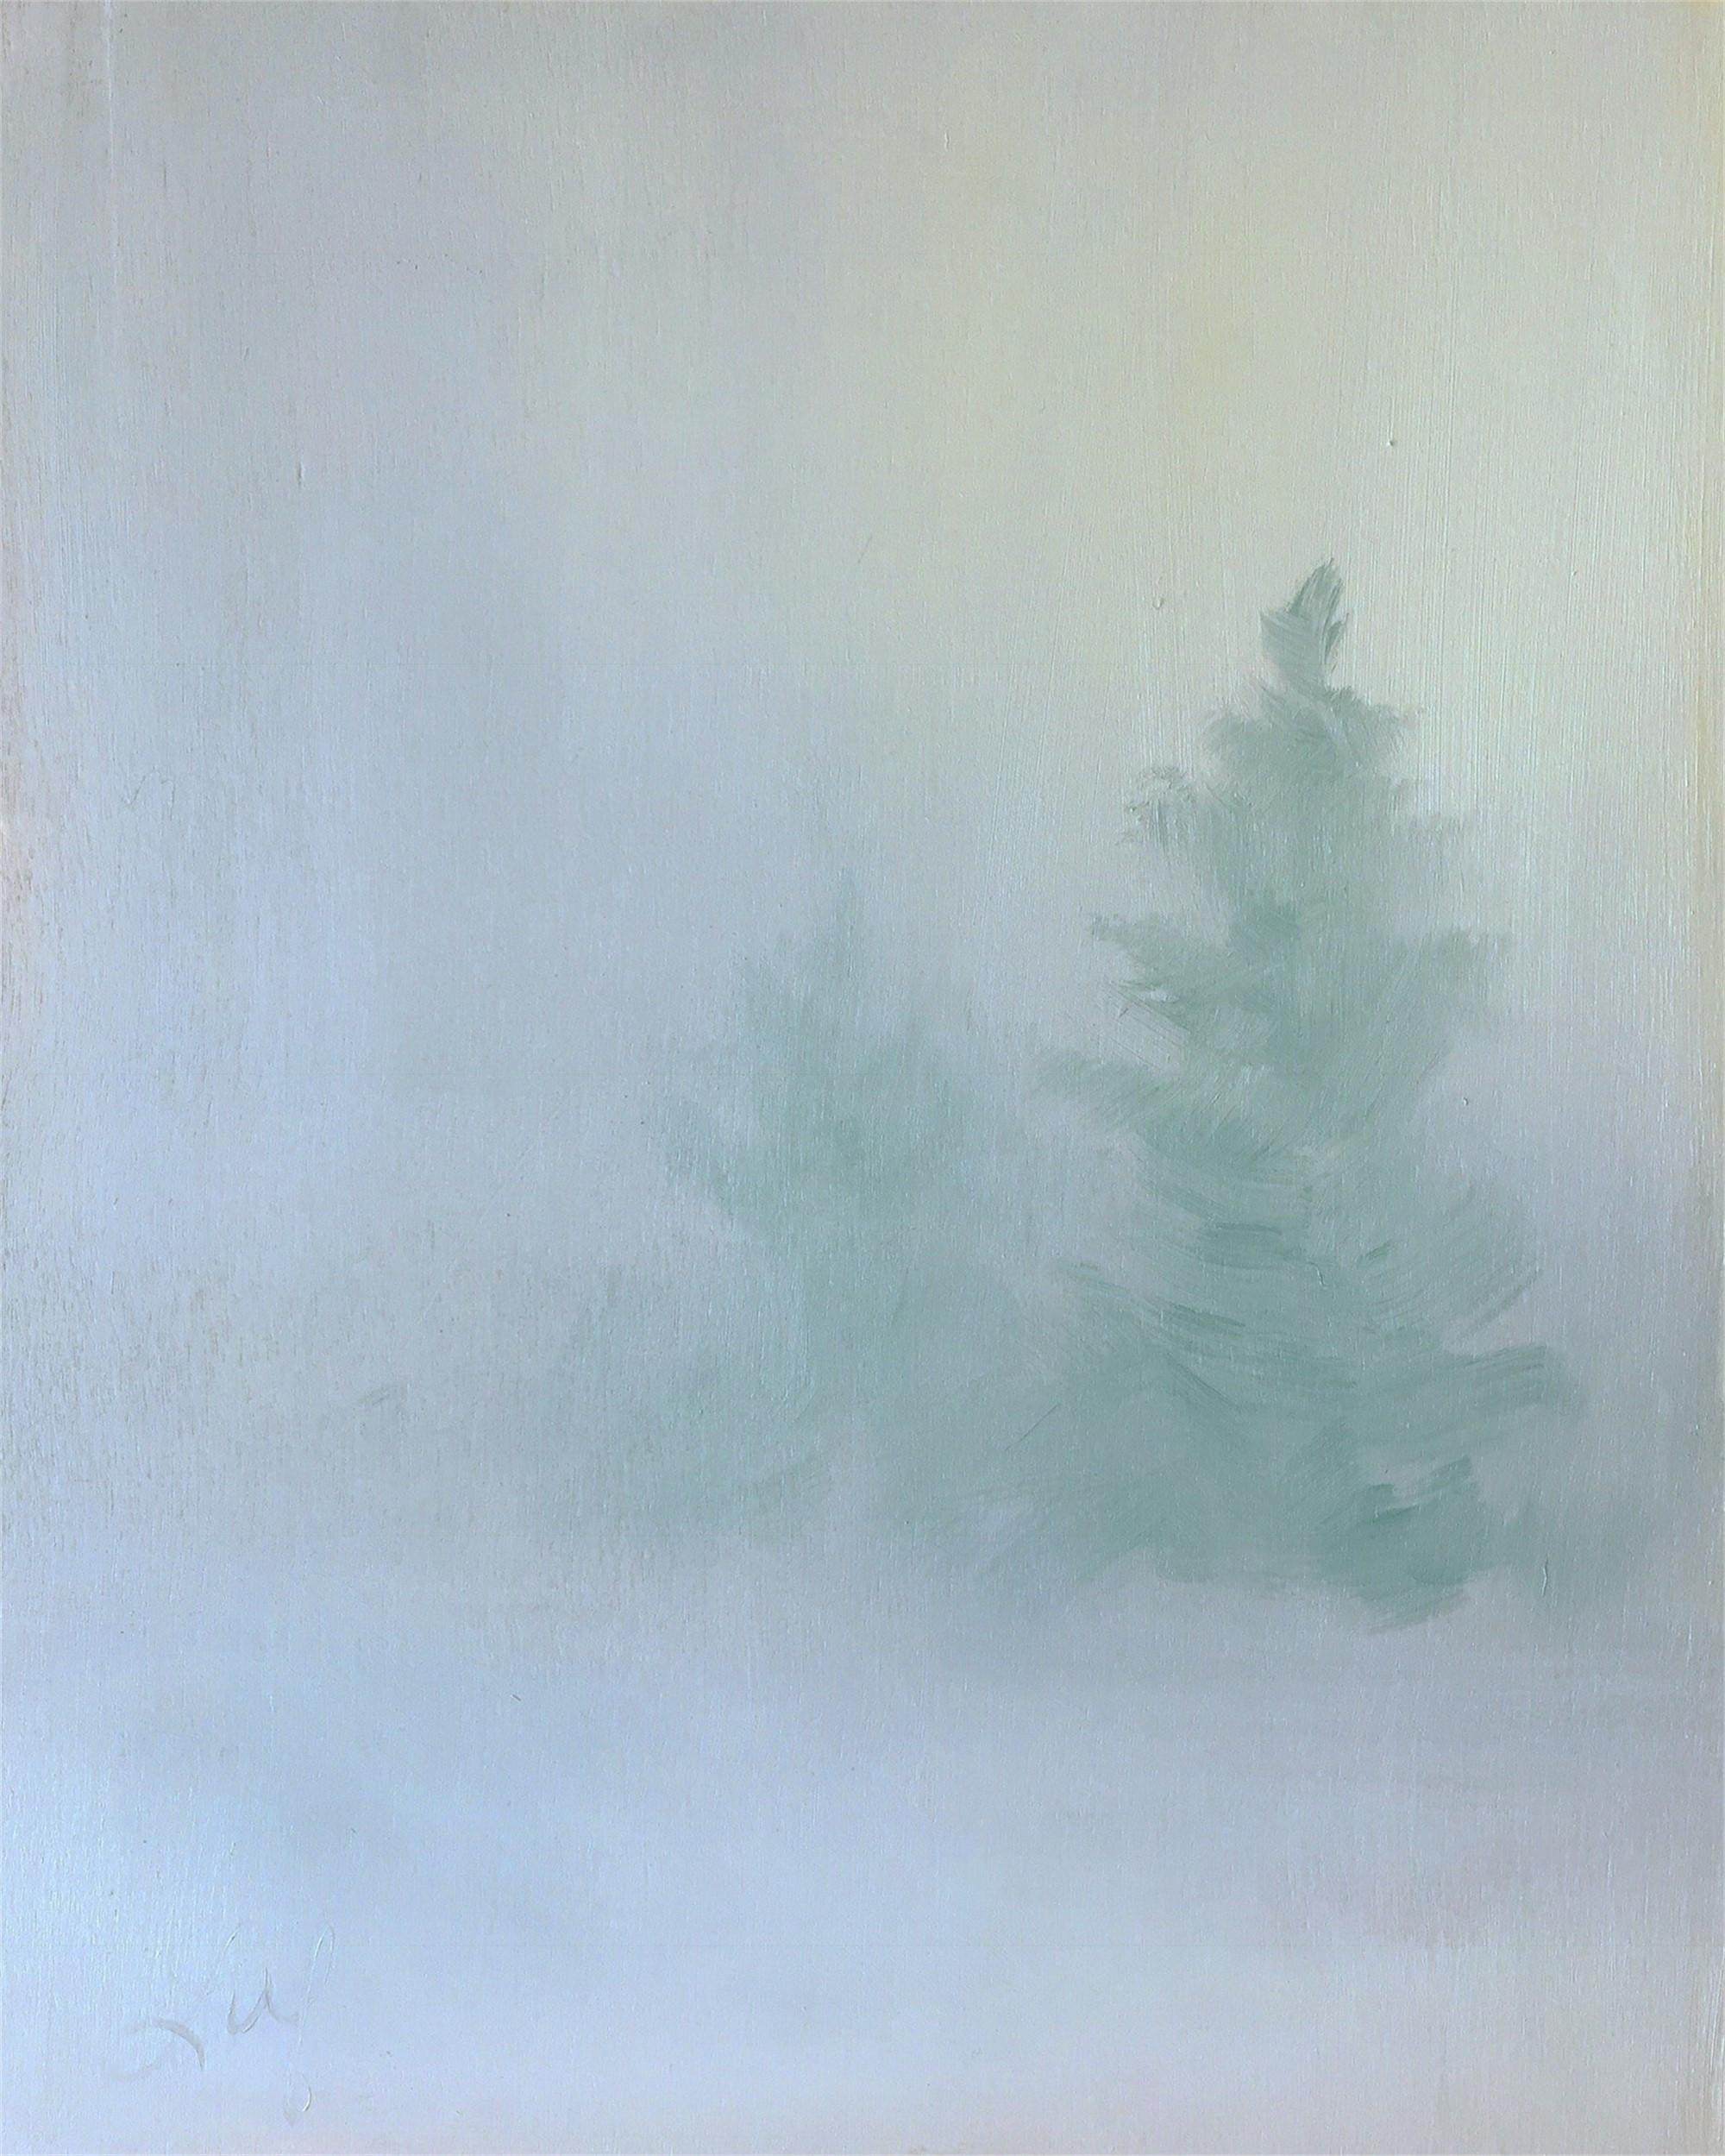 December by Leigh Ann Van Fossan